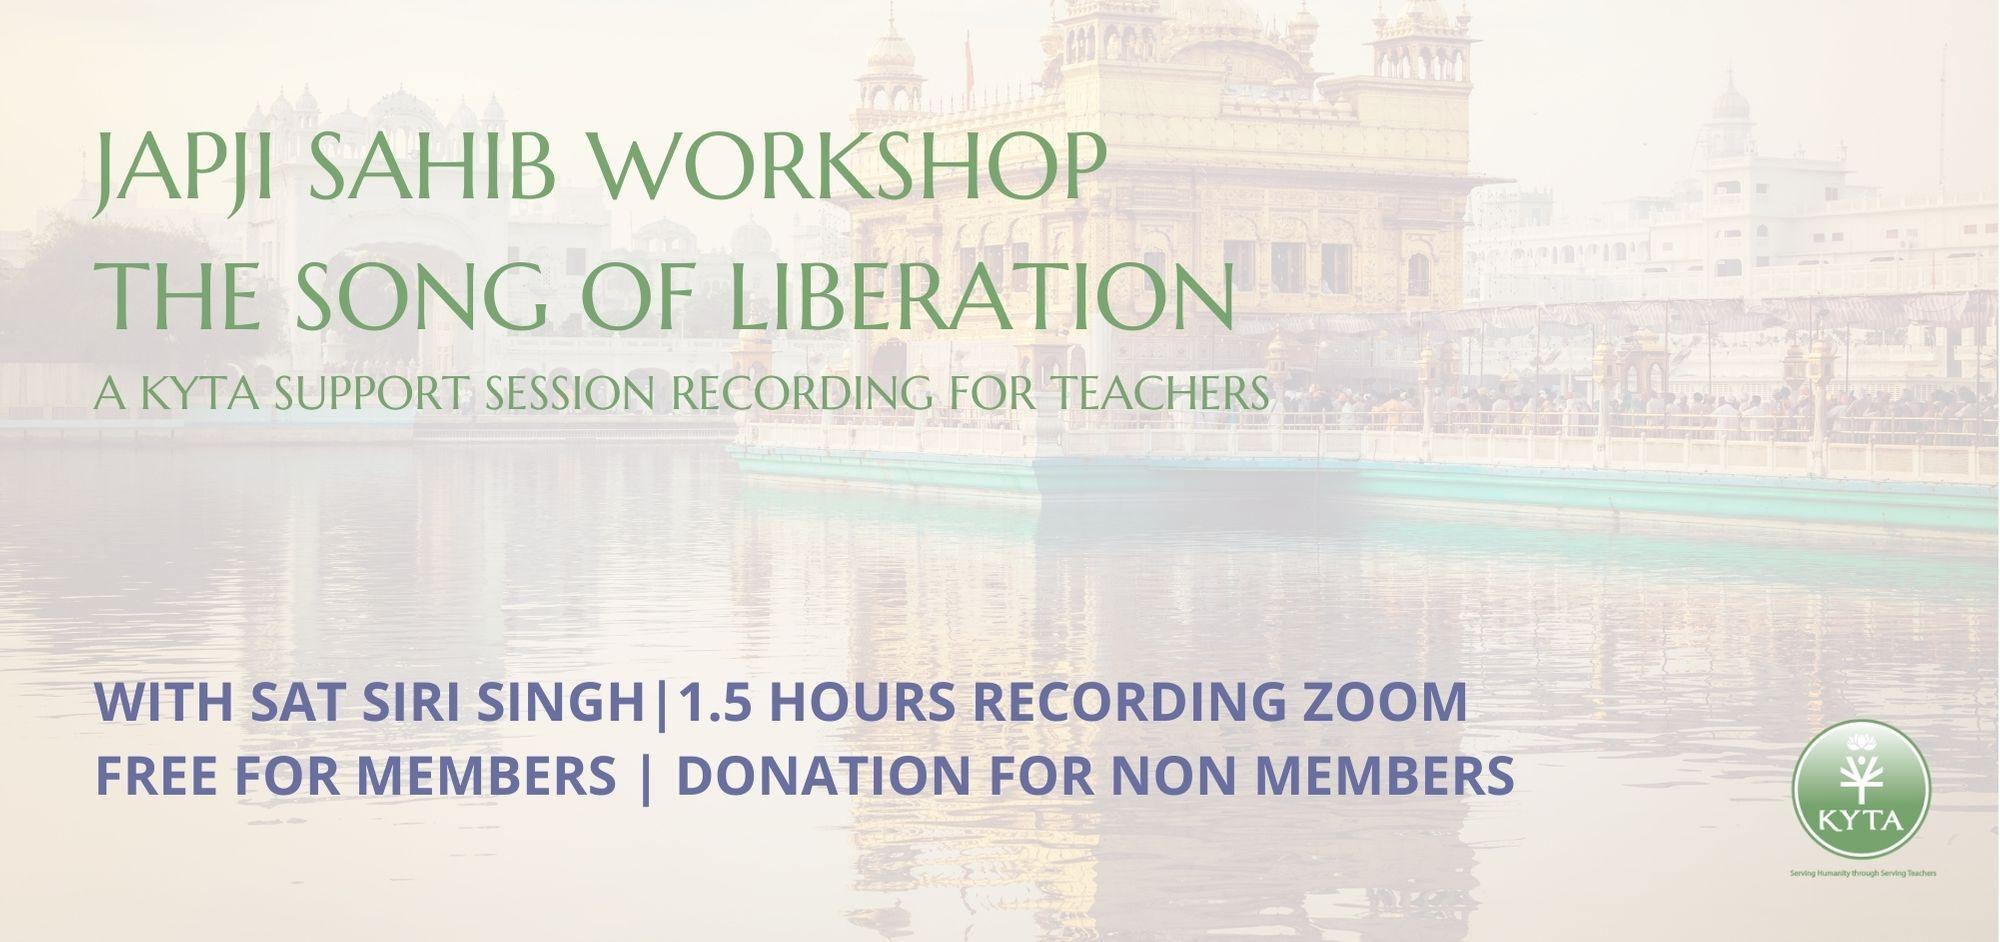 Japji Sahib Workshop The Song of Liberation